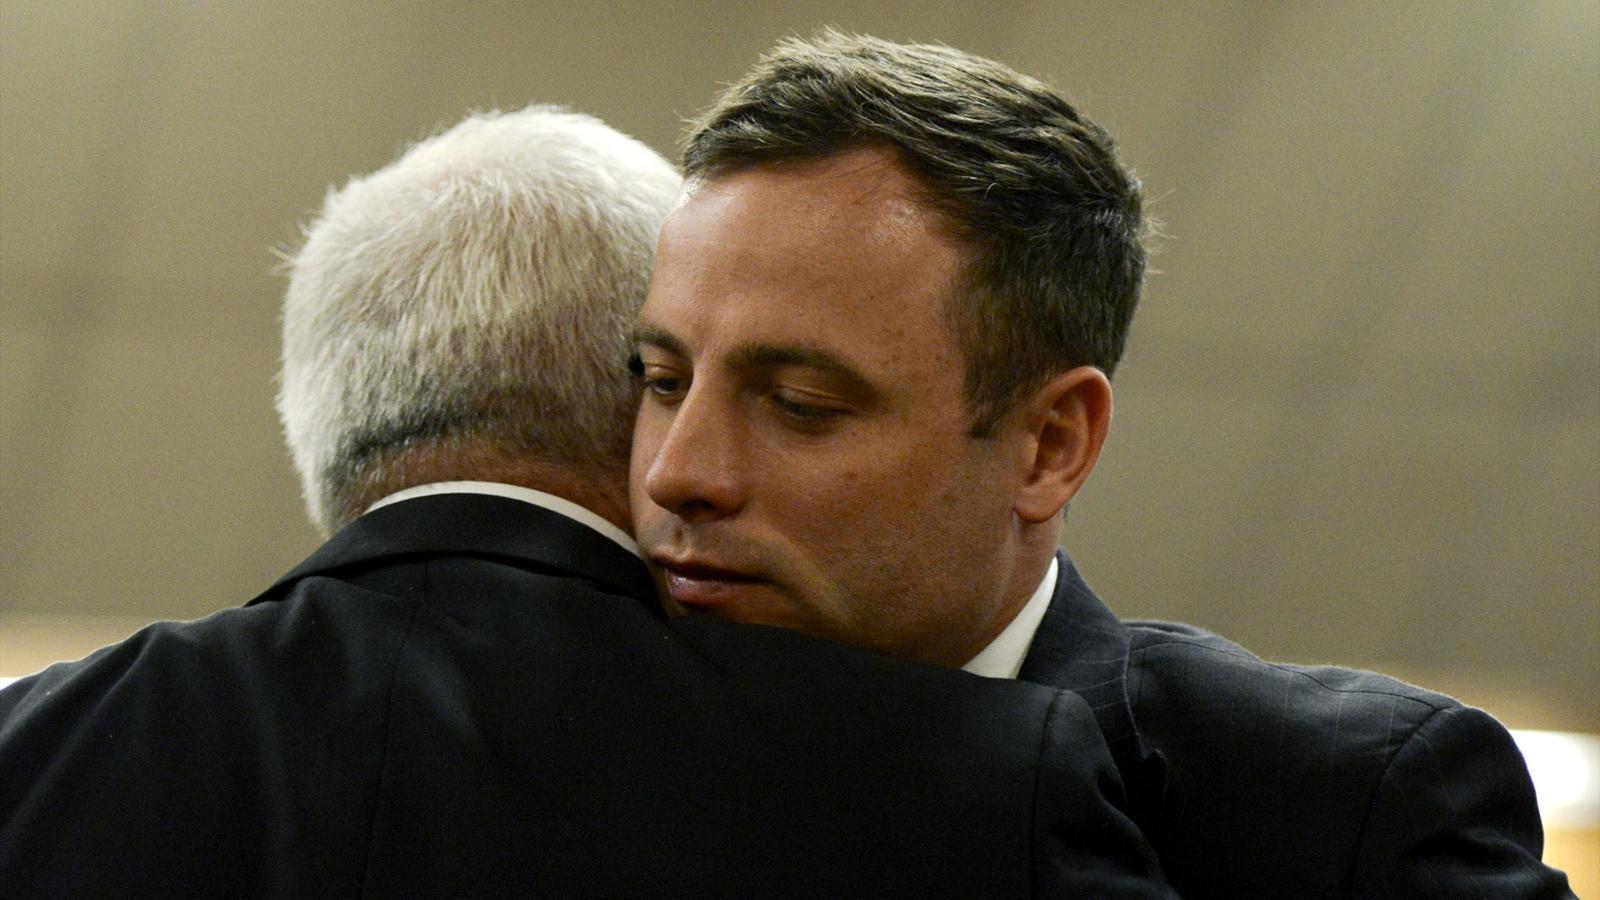 Athlétisme : Oscar Pistorius condamné à 5 ans de prison ferme pour l'homicide involontaire